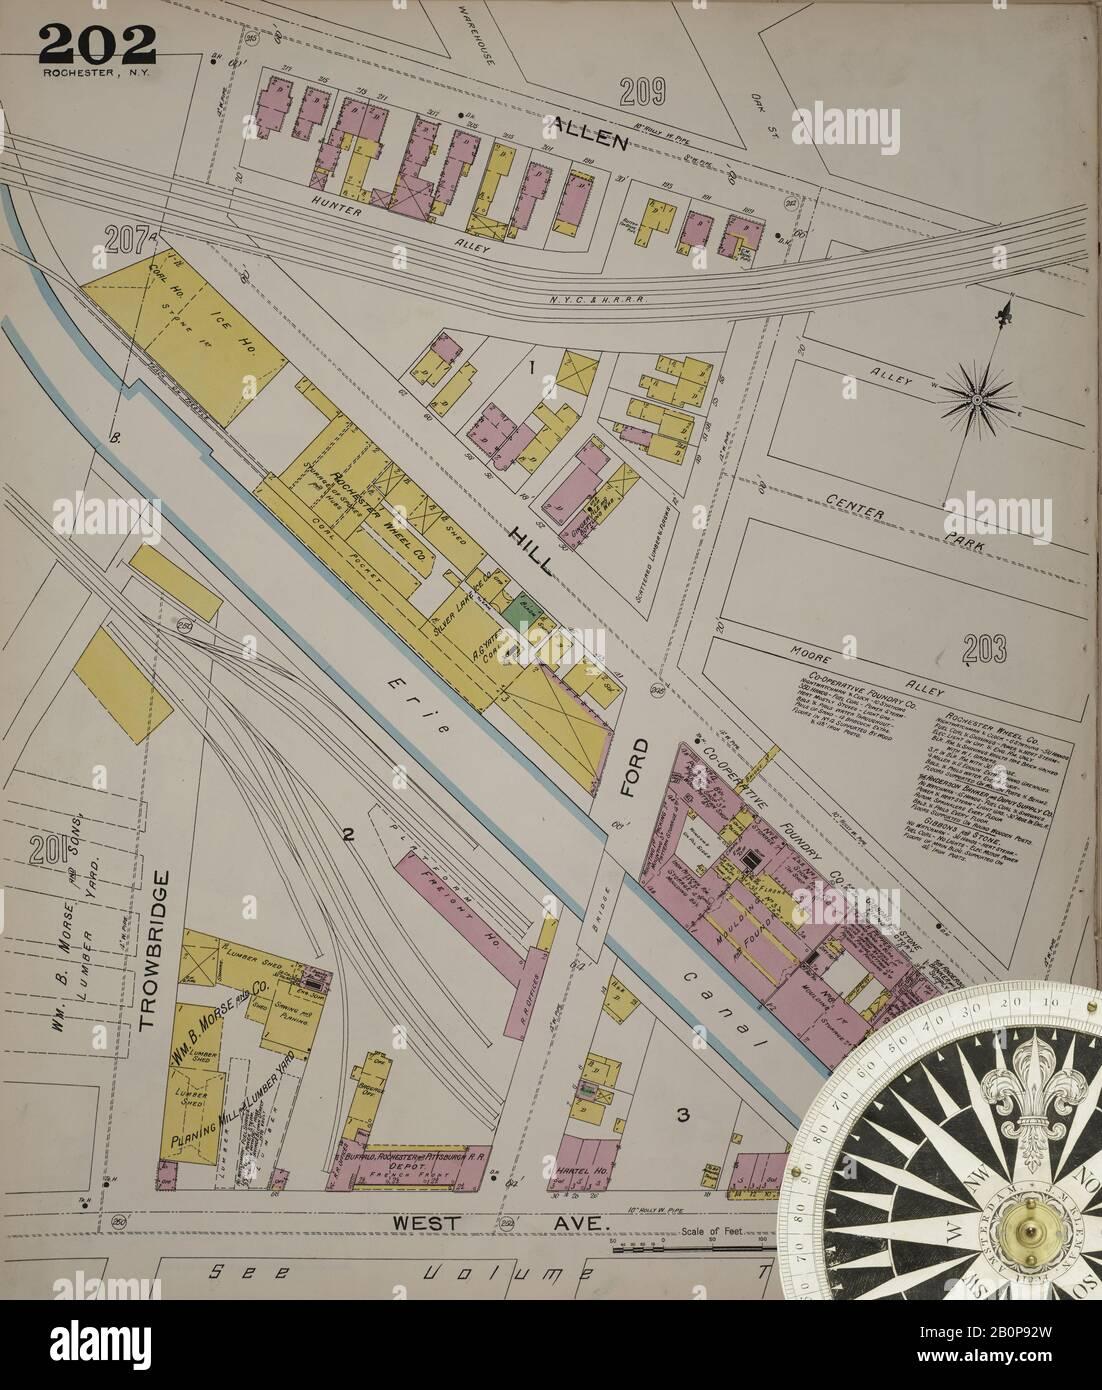 Bild 4 von Sanborn Fire Insurance Map aus Rochester, Monroe County, New York. 1892 Vol. 3. 92 Blatt(e). Bound, Amerika, Straßenkarte mit einem Kompass Aus Dem 19. Jahrhundert Stockfoto